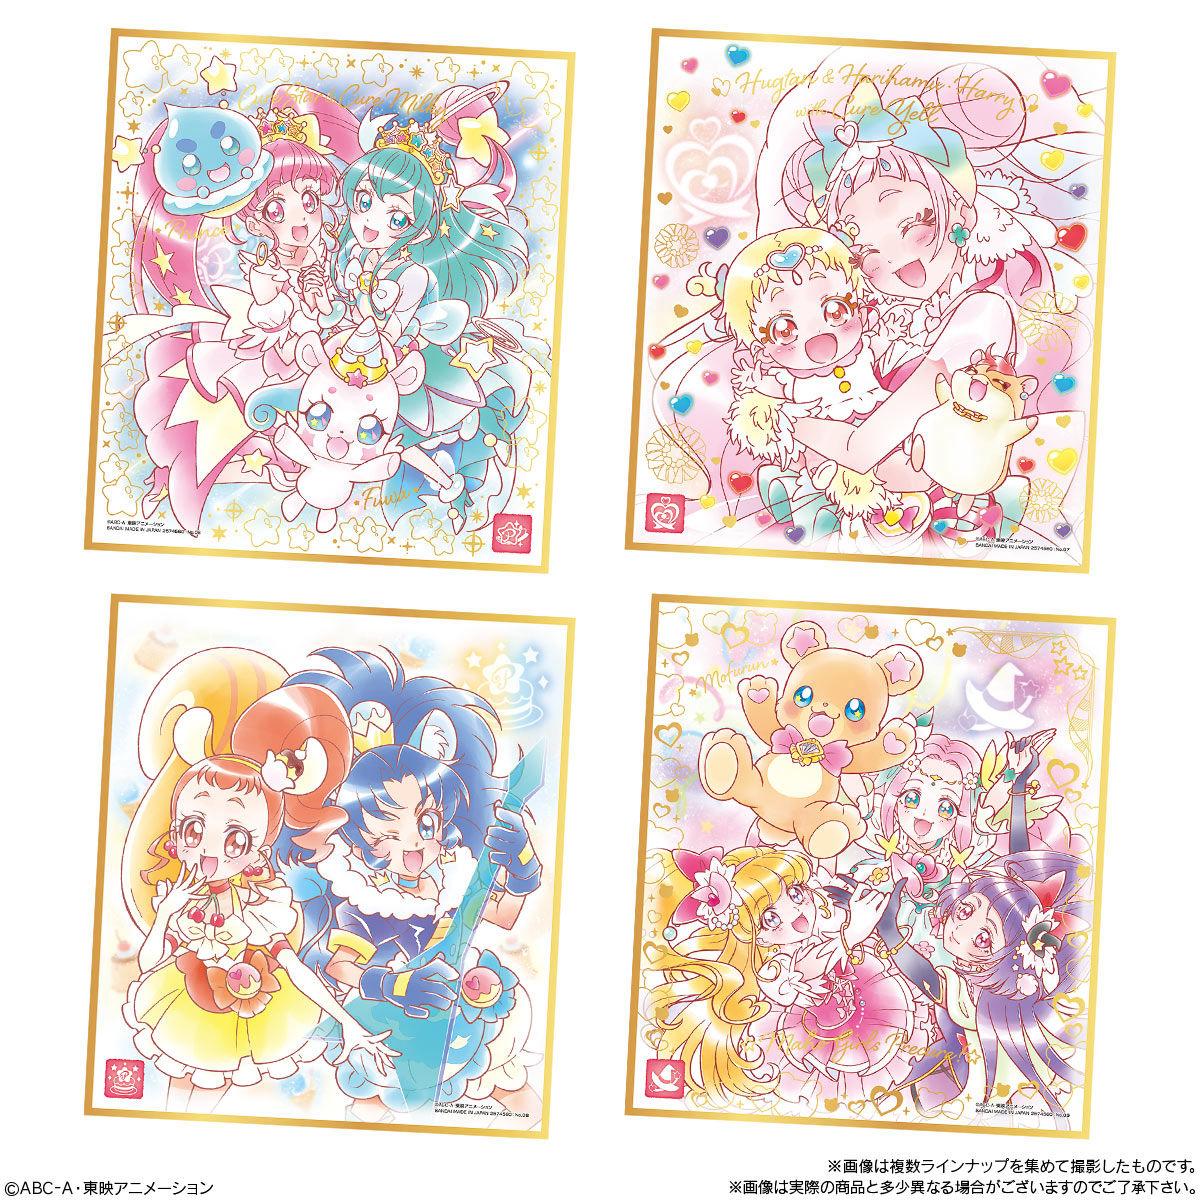 プリキュア 色紙ART5_3